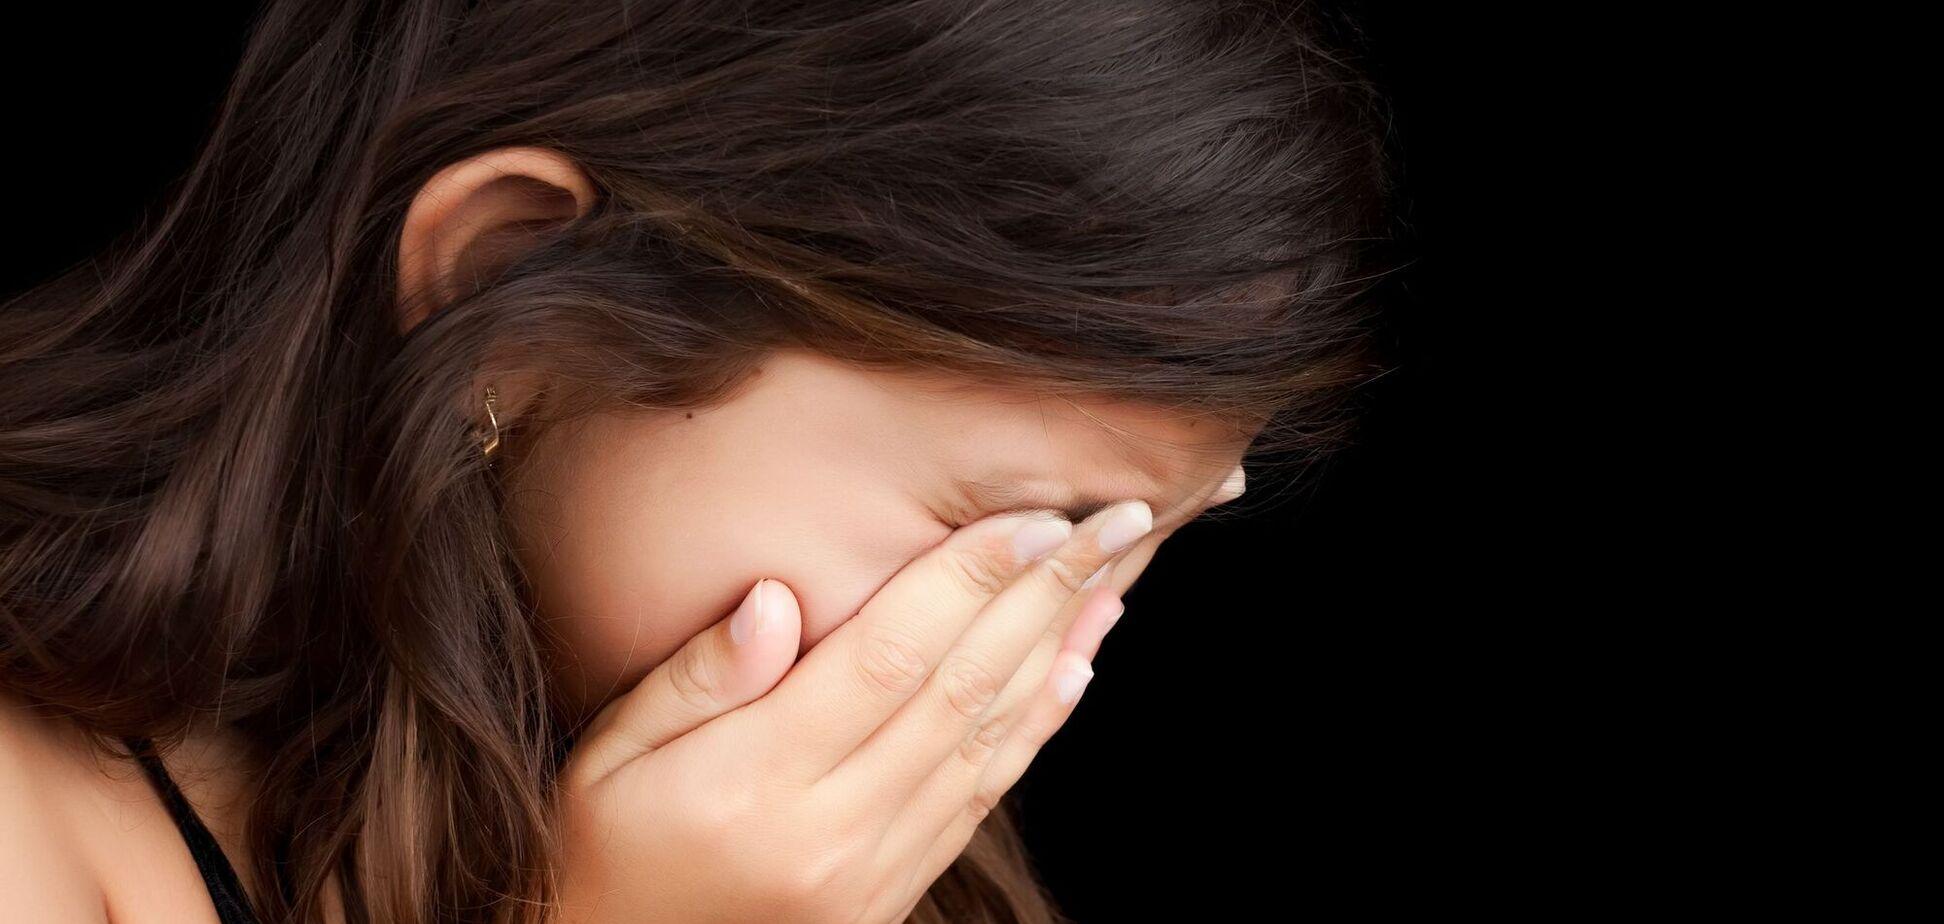 Адвокат из Днепра рассказала историю 6-летней девочки, которую отдают насиловавшему ее отцу